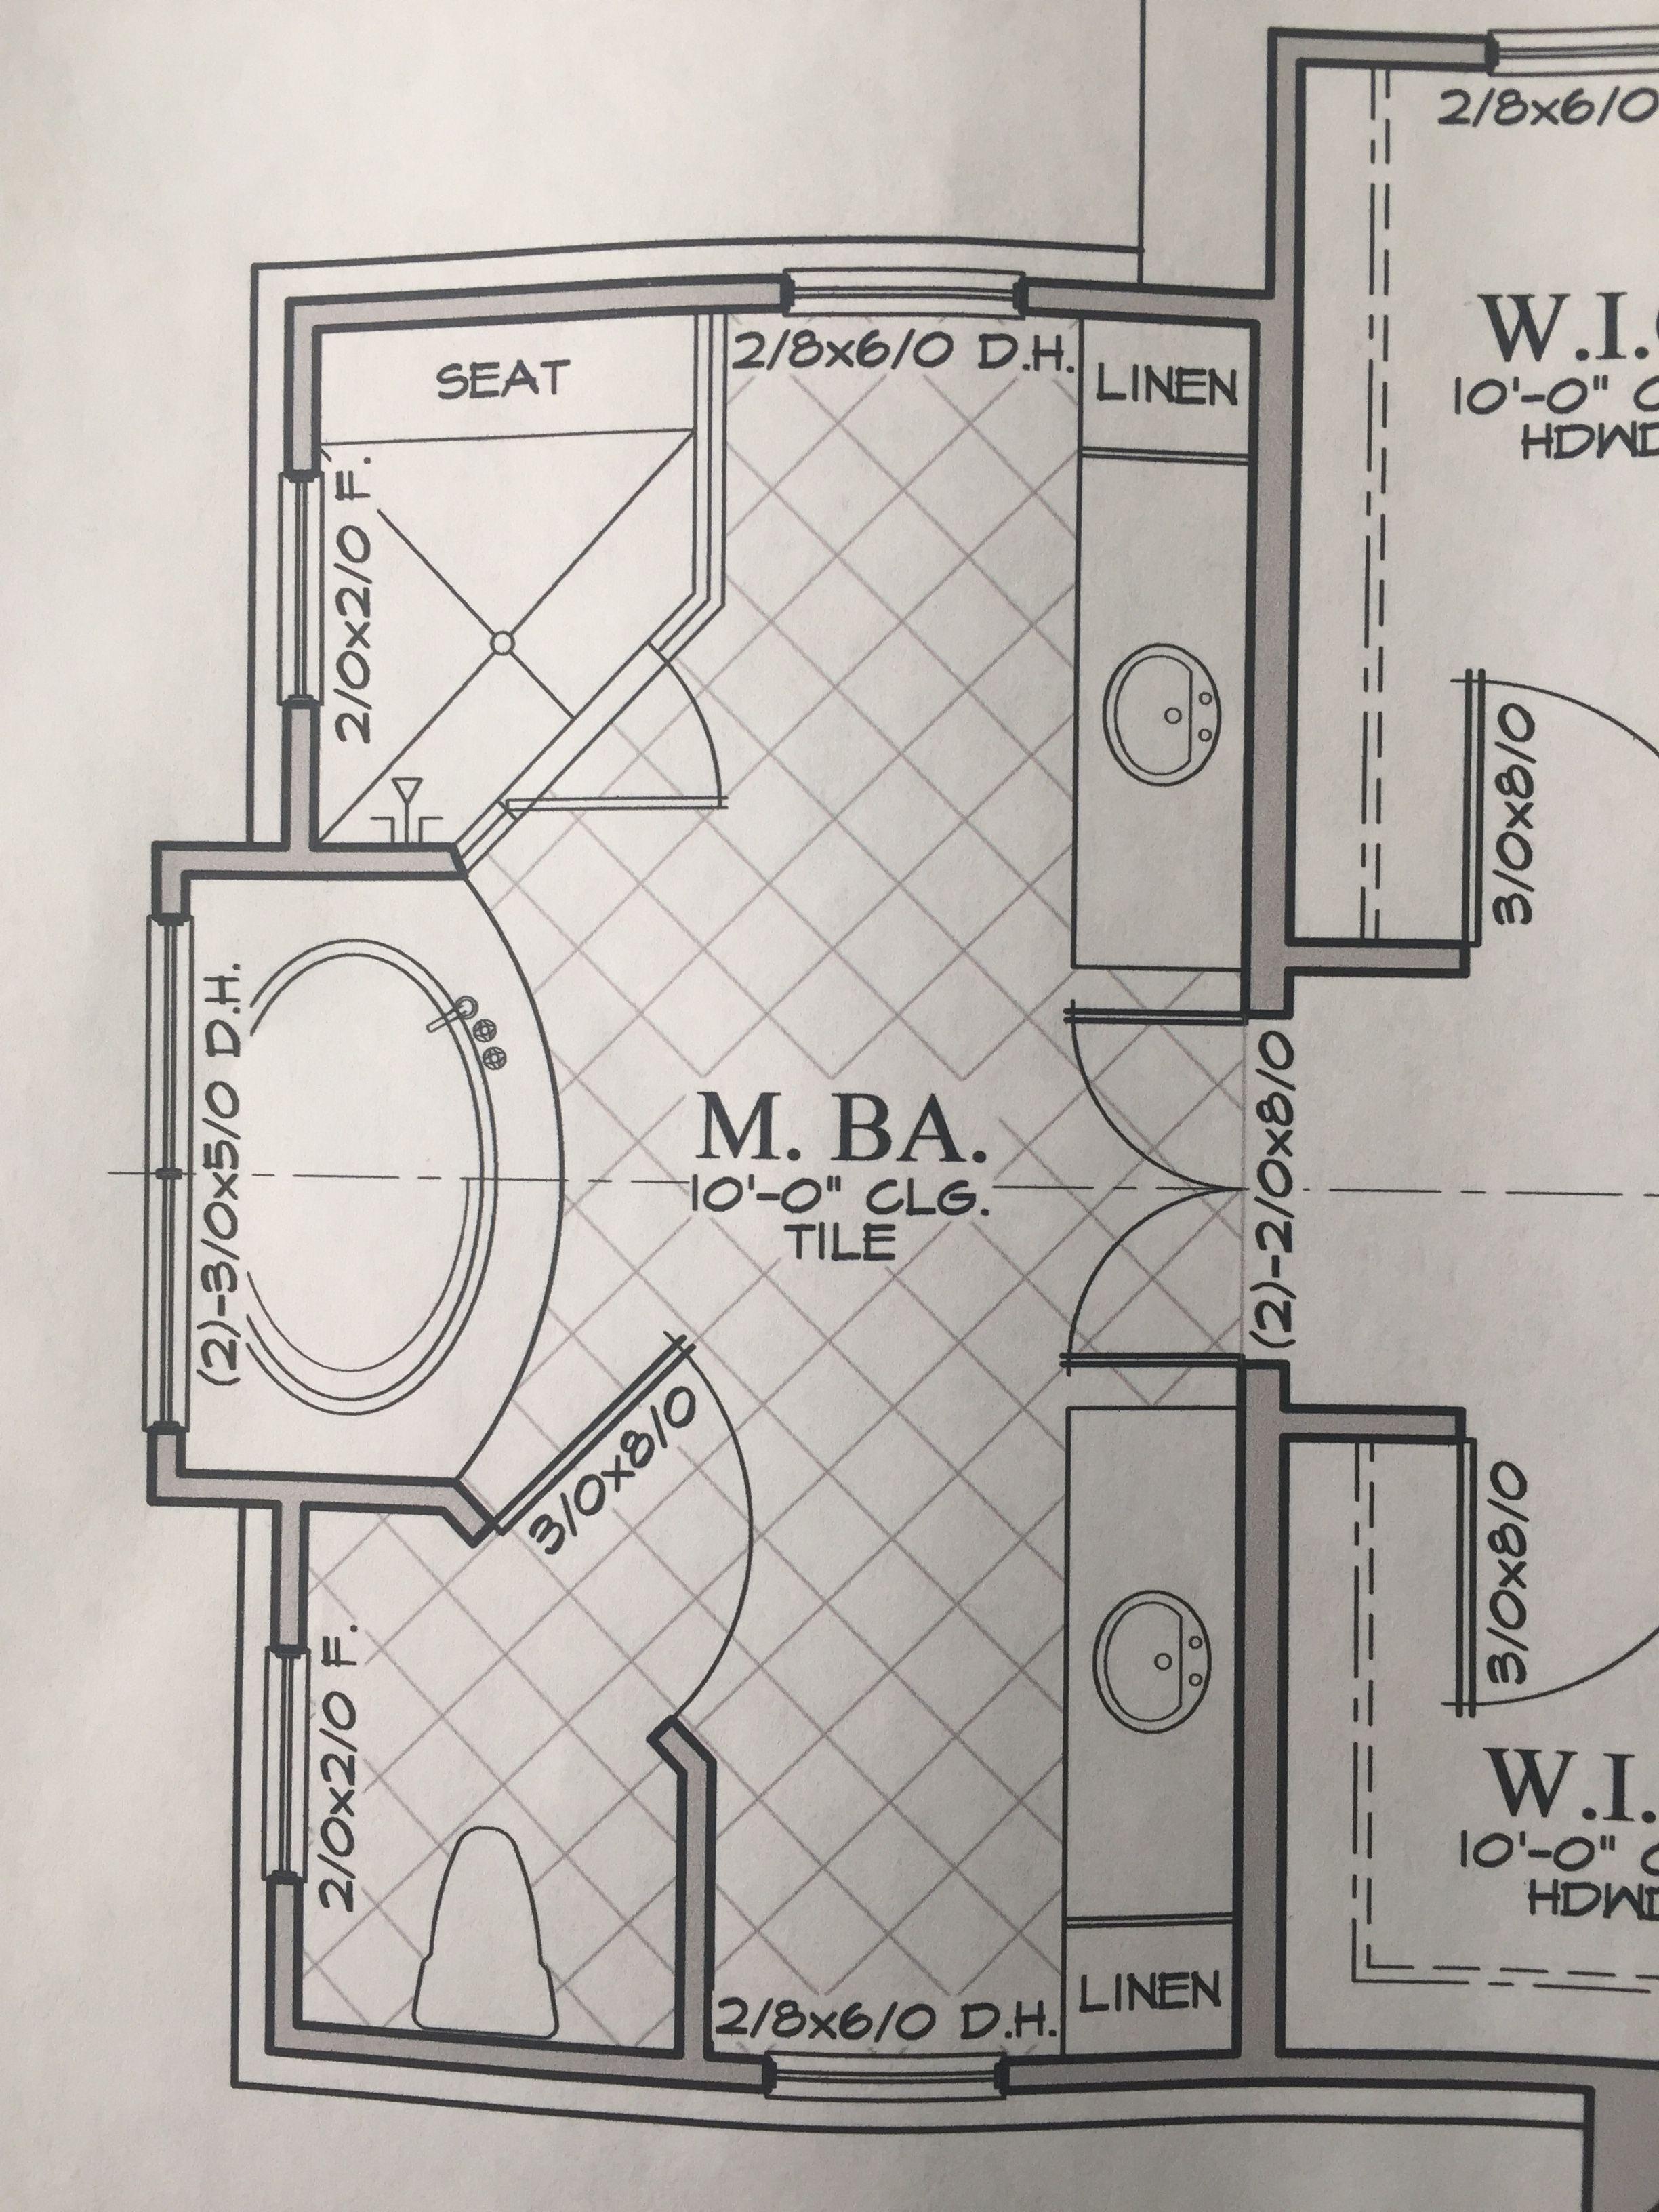 17 Ideal Bathroom Floor Plan With 2 Doors You Re Sure To Love Master Bedroom Layout Bathroom Floor Plans Master Bedroom Plans